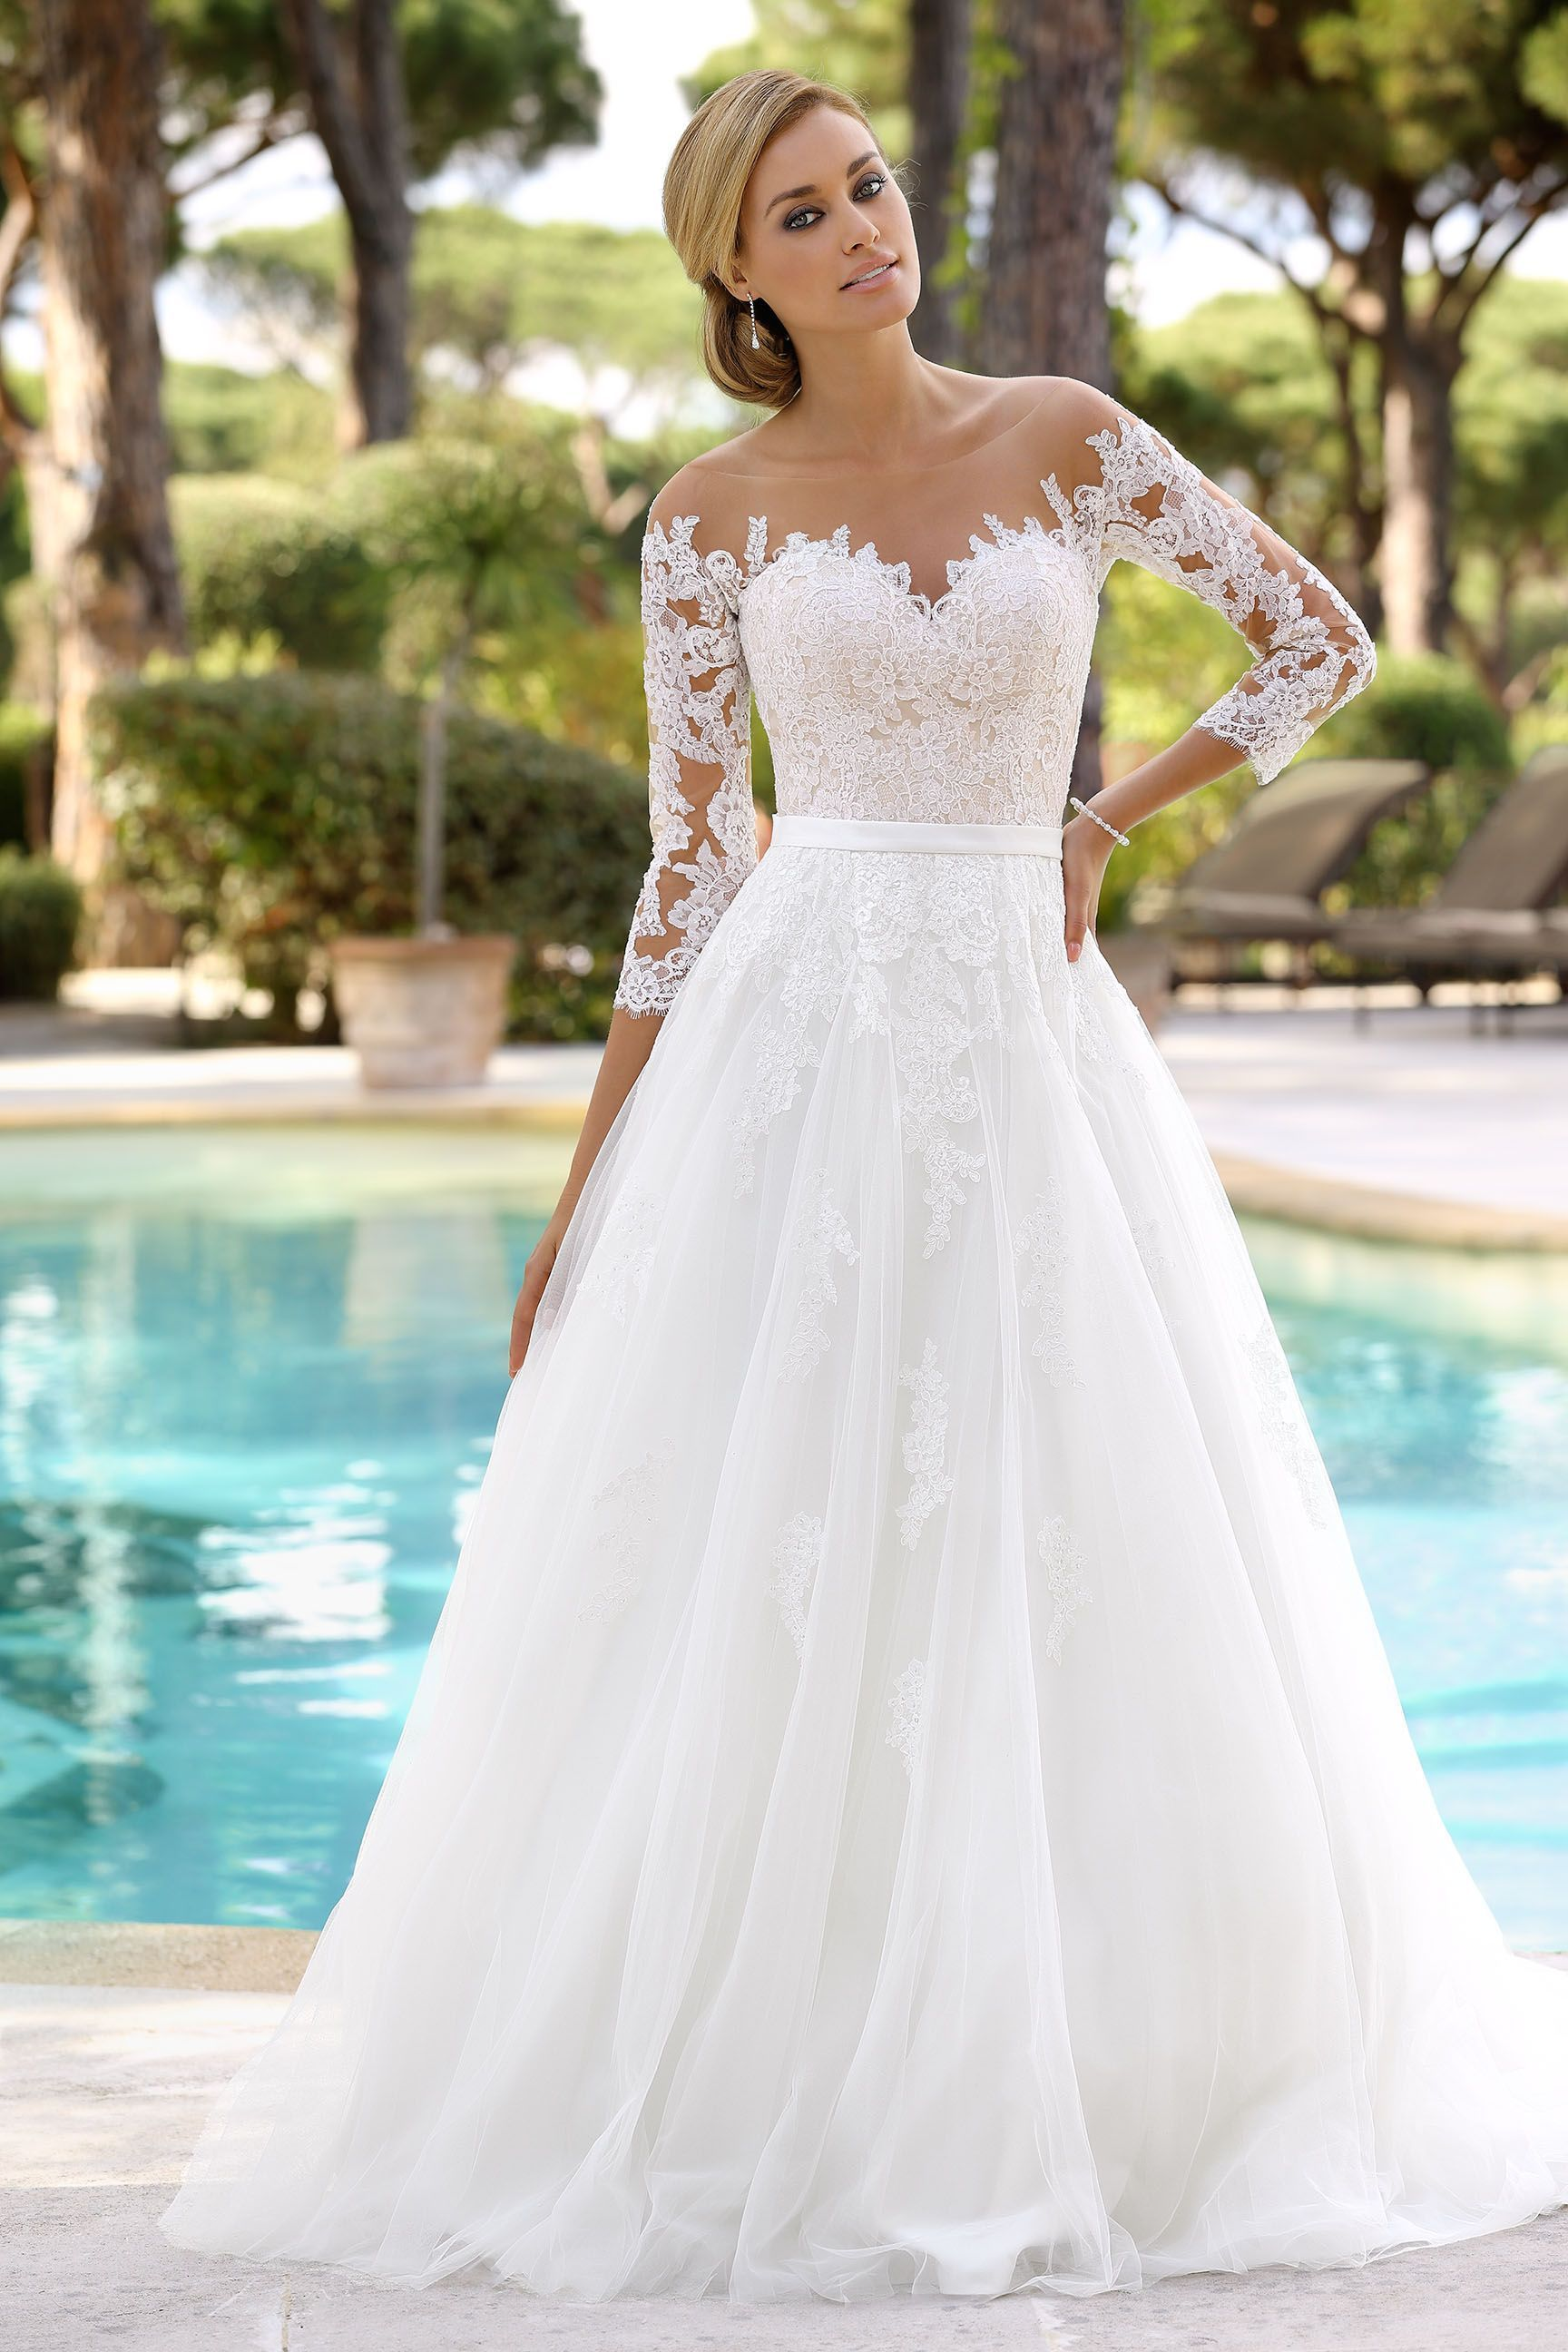 Hochzeitskleid Tattoo - Valentins Day, #Bröllopsklänning #Day